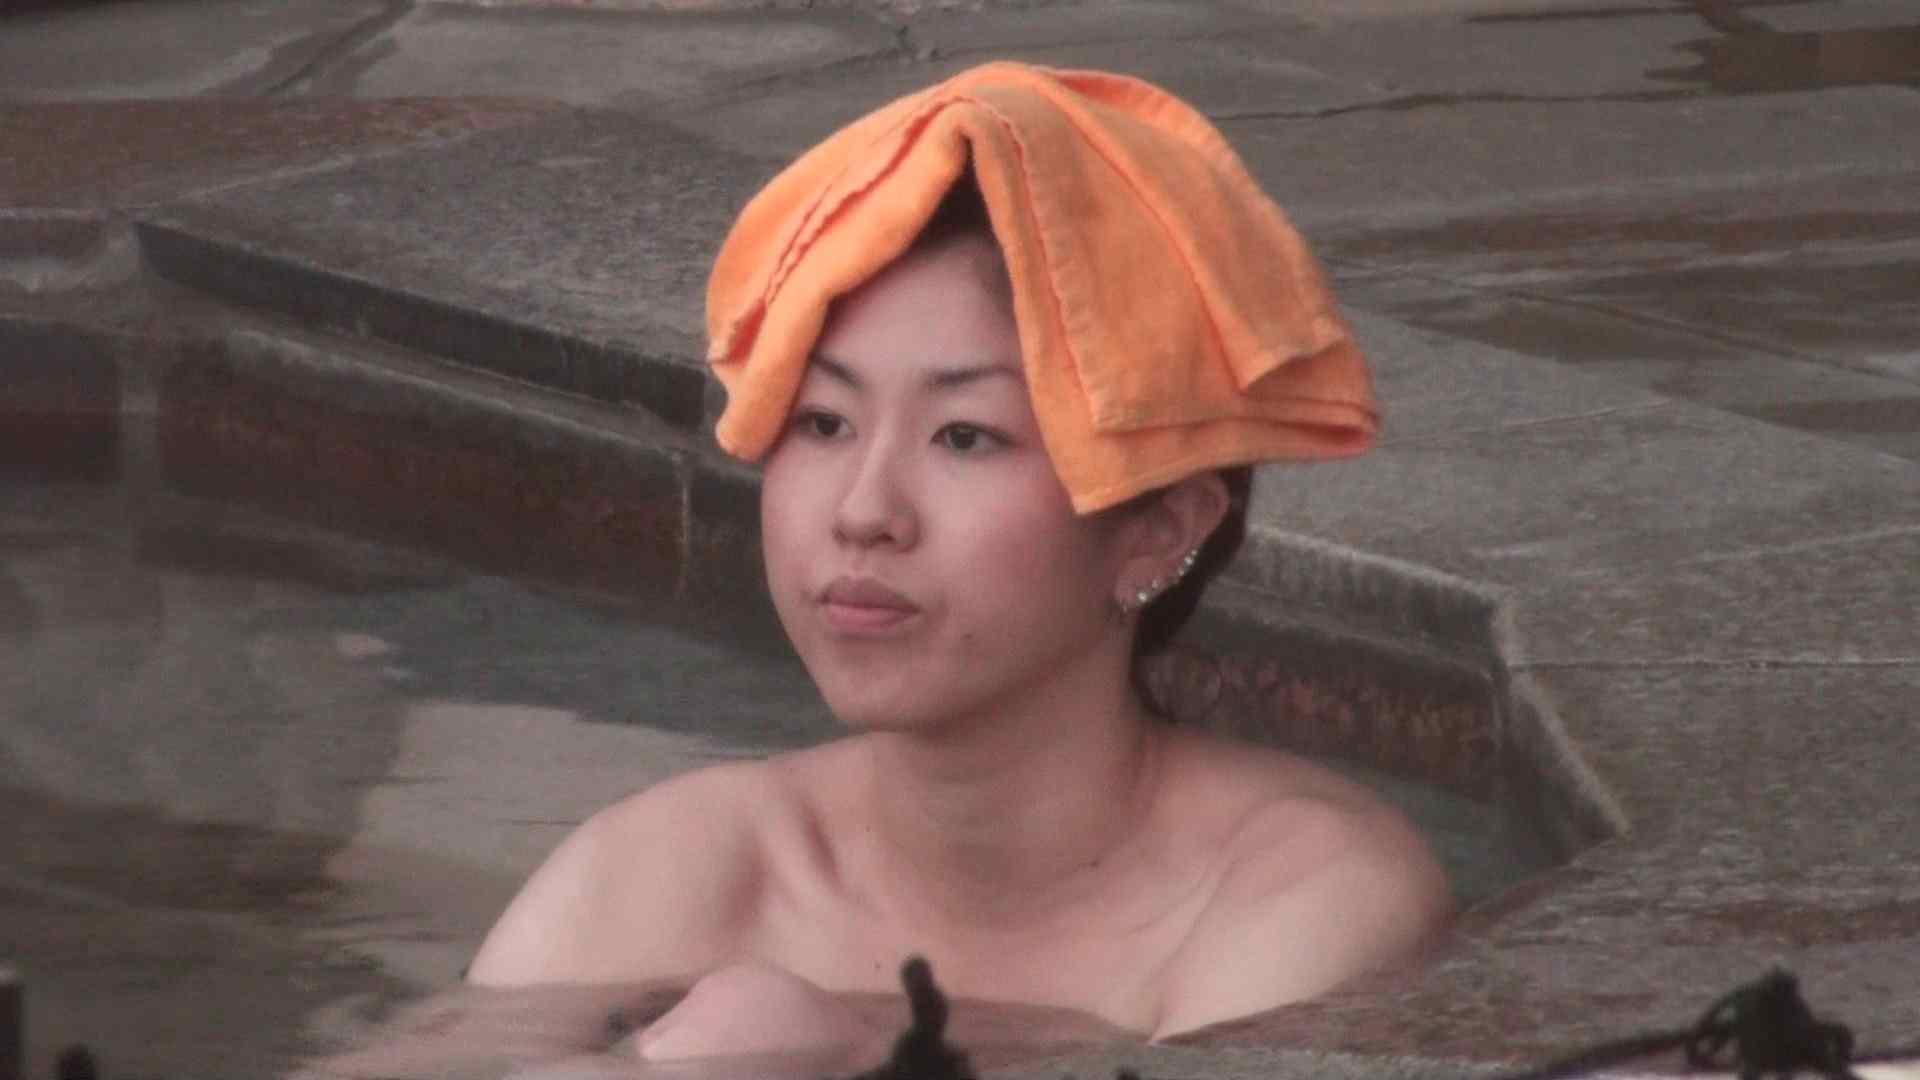 Aquaな露天風呂Vol.135 美しいOLの裸体 覗きおまんこ画像 105pic 86